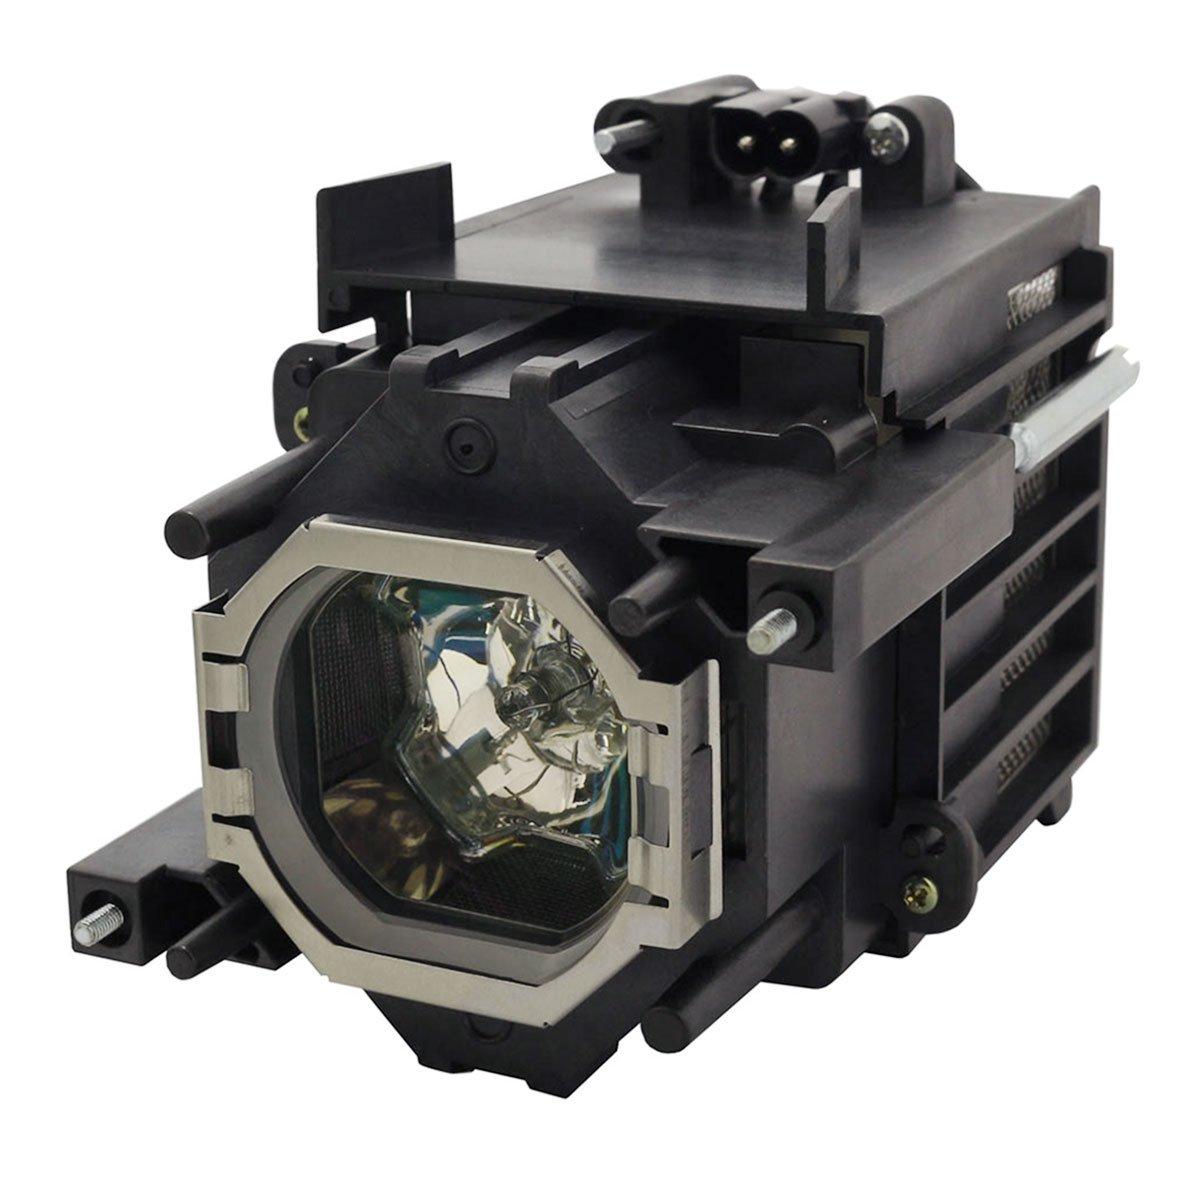 SpArc OEM プロジェクター交換用ランプ 囲い/電球付き Sony VPL-FX35用 Platinum (Brighter/Durable) Platinum (Brighter/Durable) Lamp with Housing B07MJ3GBN4